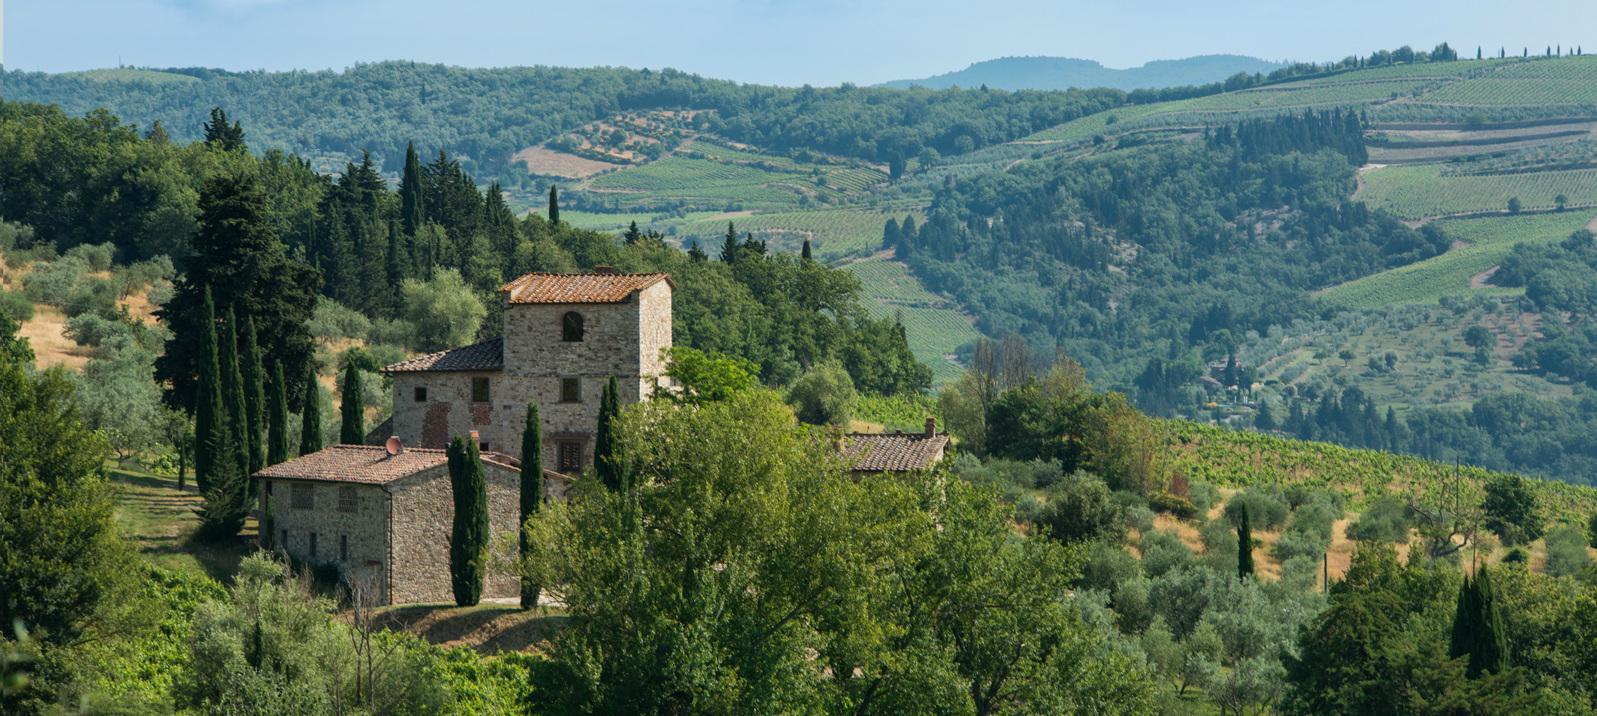 La casa en la campaña de Toscana